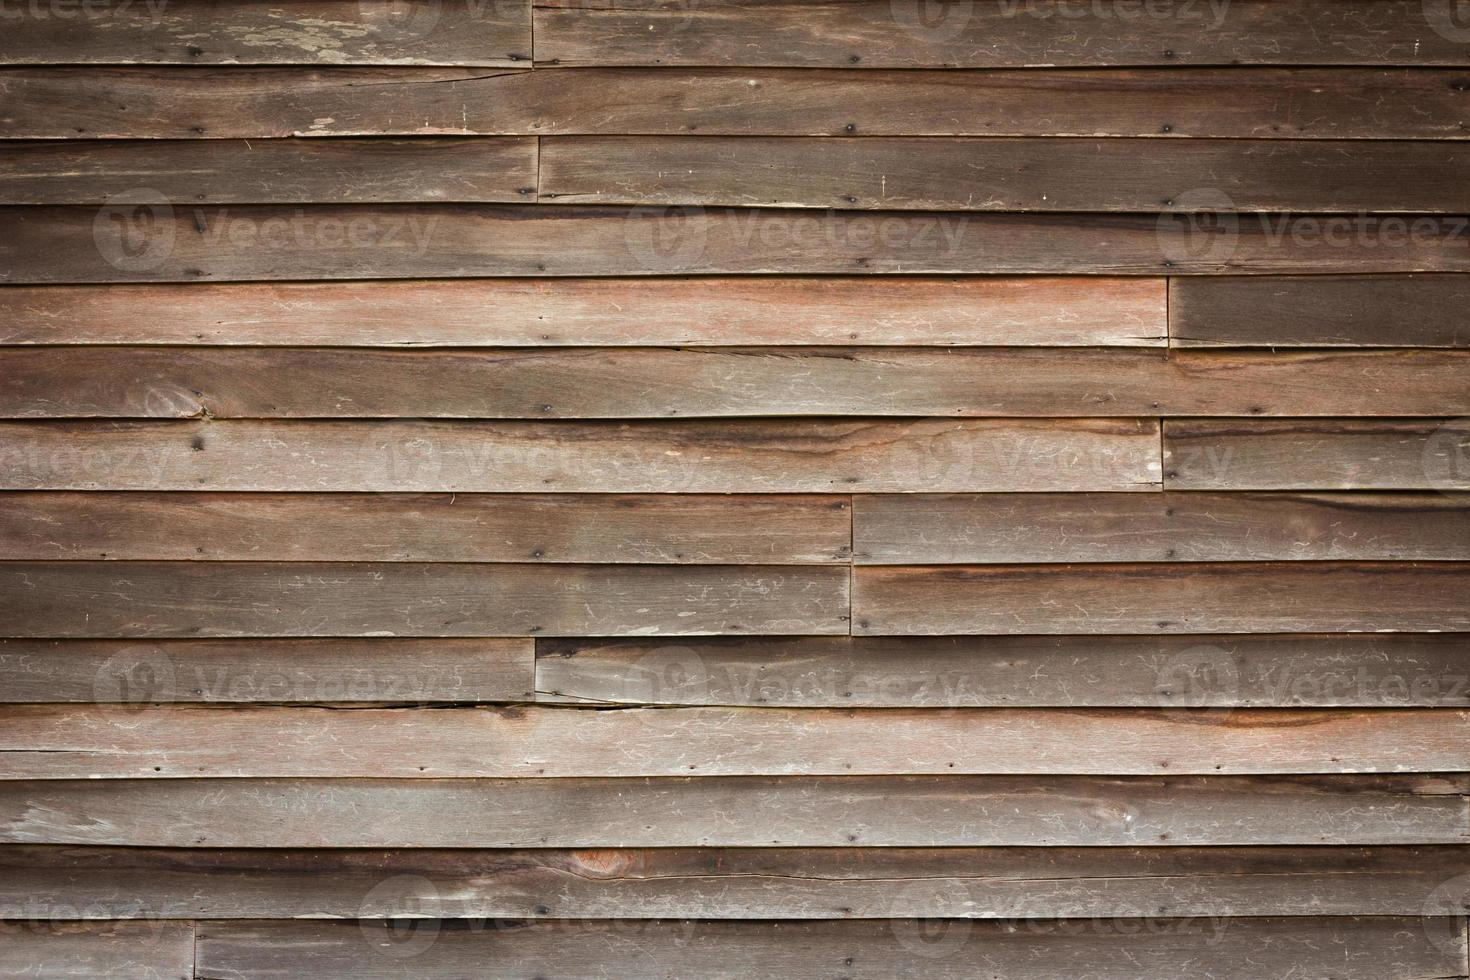 houten muur achtergrond met retro stijl foto